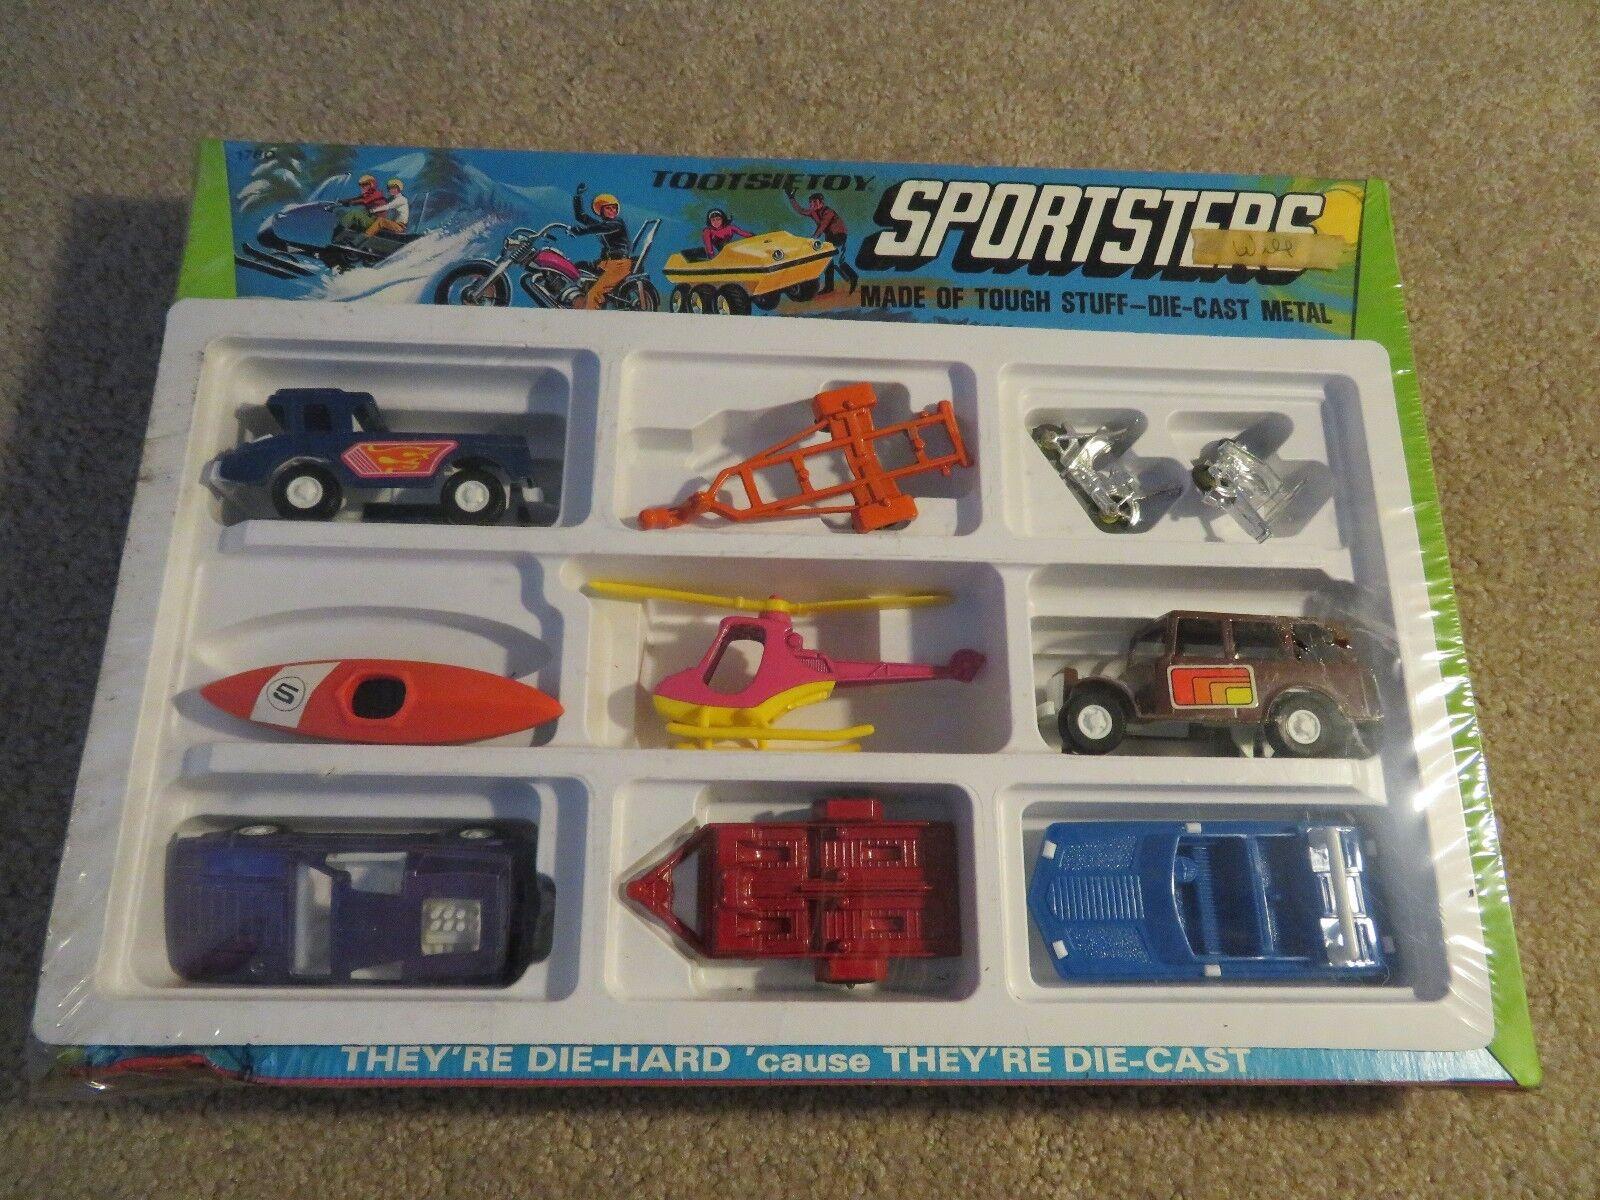 Tootsietoy Sportsters Die-cast Conjunto remolques de botes Motos +++ Y En Caja Sellada 1971